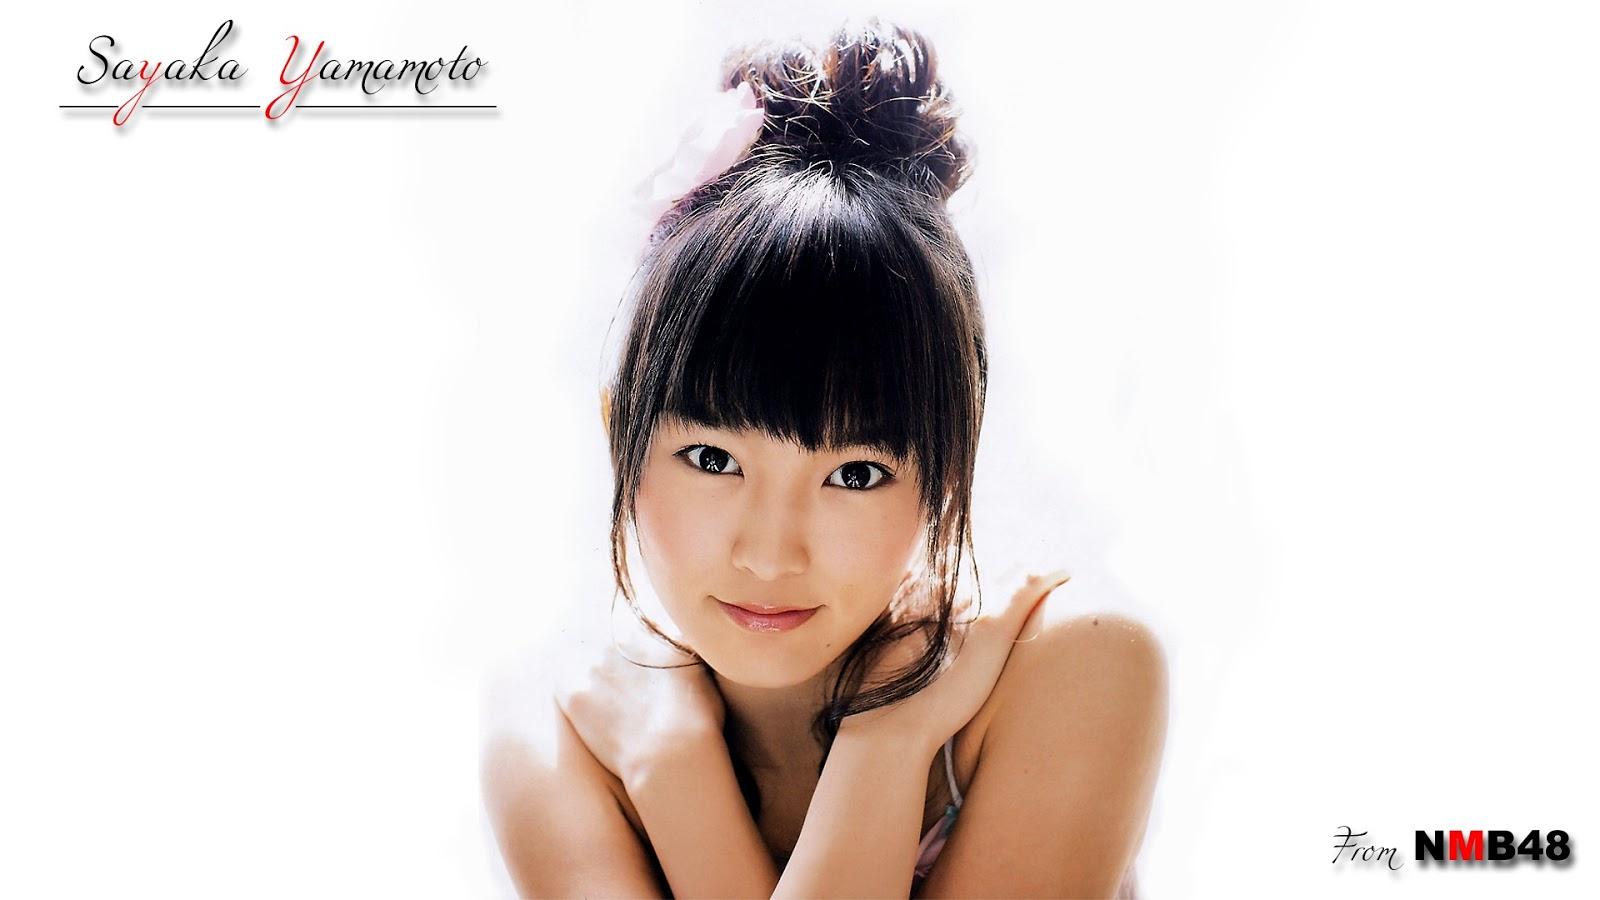 http://2.bp.blogspot.com/-voDSAkeTLVw/UTL5DiUWIRI/AAAAAAAAfIQ/0lNL4Mxuz7k/s1600/NMB48+Yamamoto+Sayaka+%E5%B1%B1%E6%9C%AC%E5%BD%A9+Wallpaper+HD+4.jpg